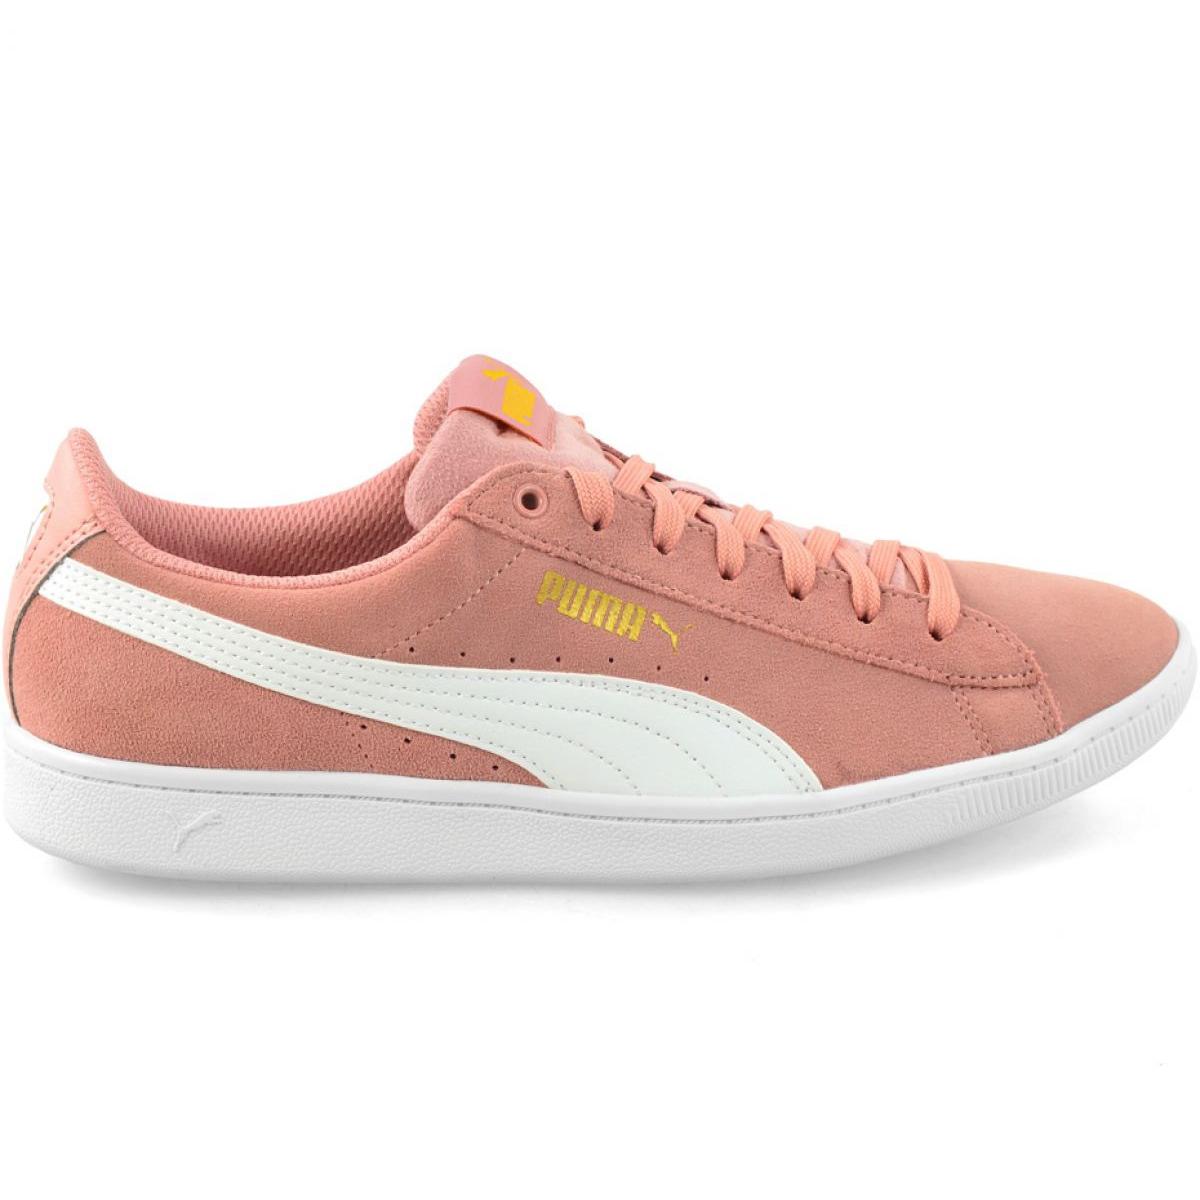 25 Vikky Rosa W Beige 362624 Zapatos Blanco Puma Peach 3KuTcl1FJ